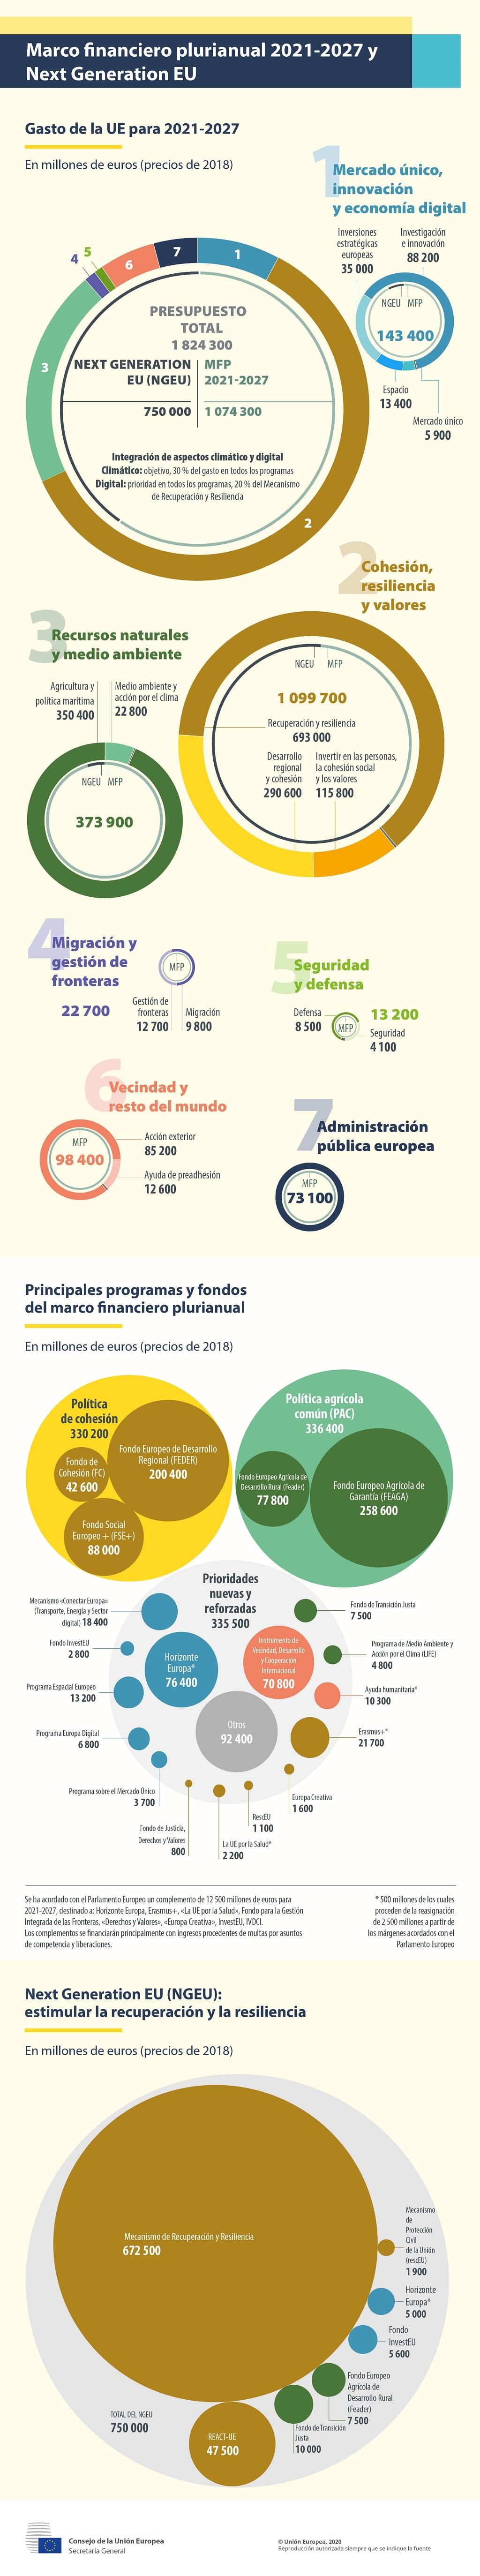 Instrumentos financieros para una economía circular en la UE